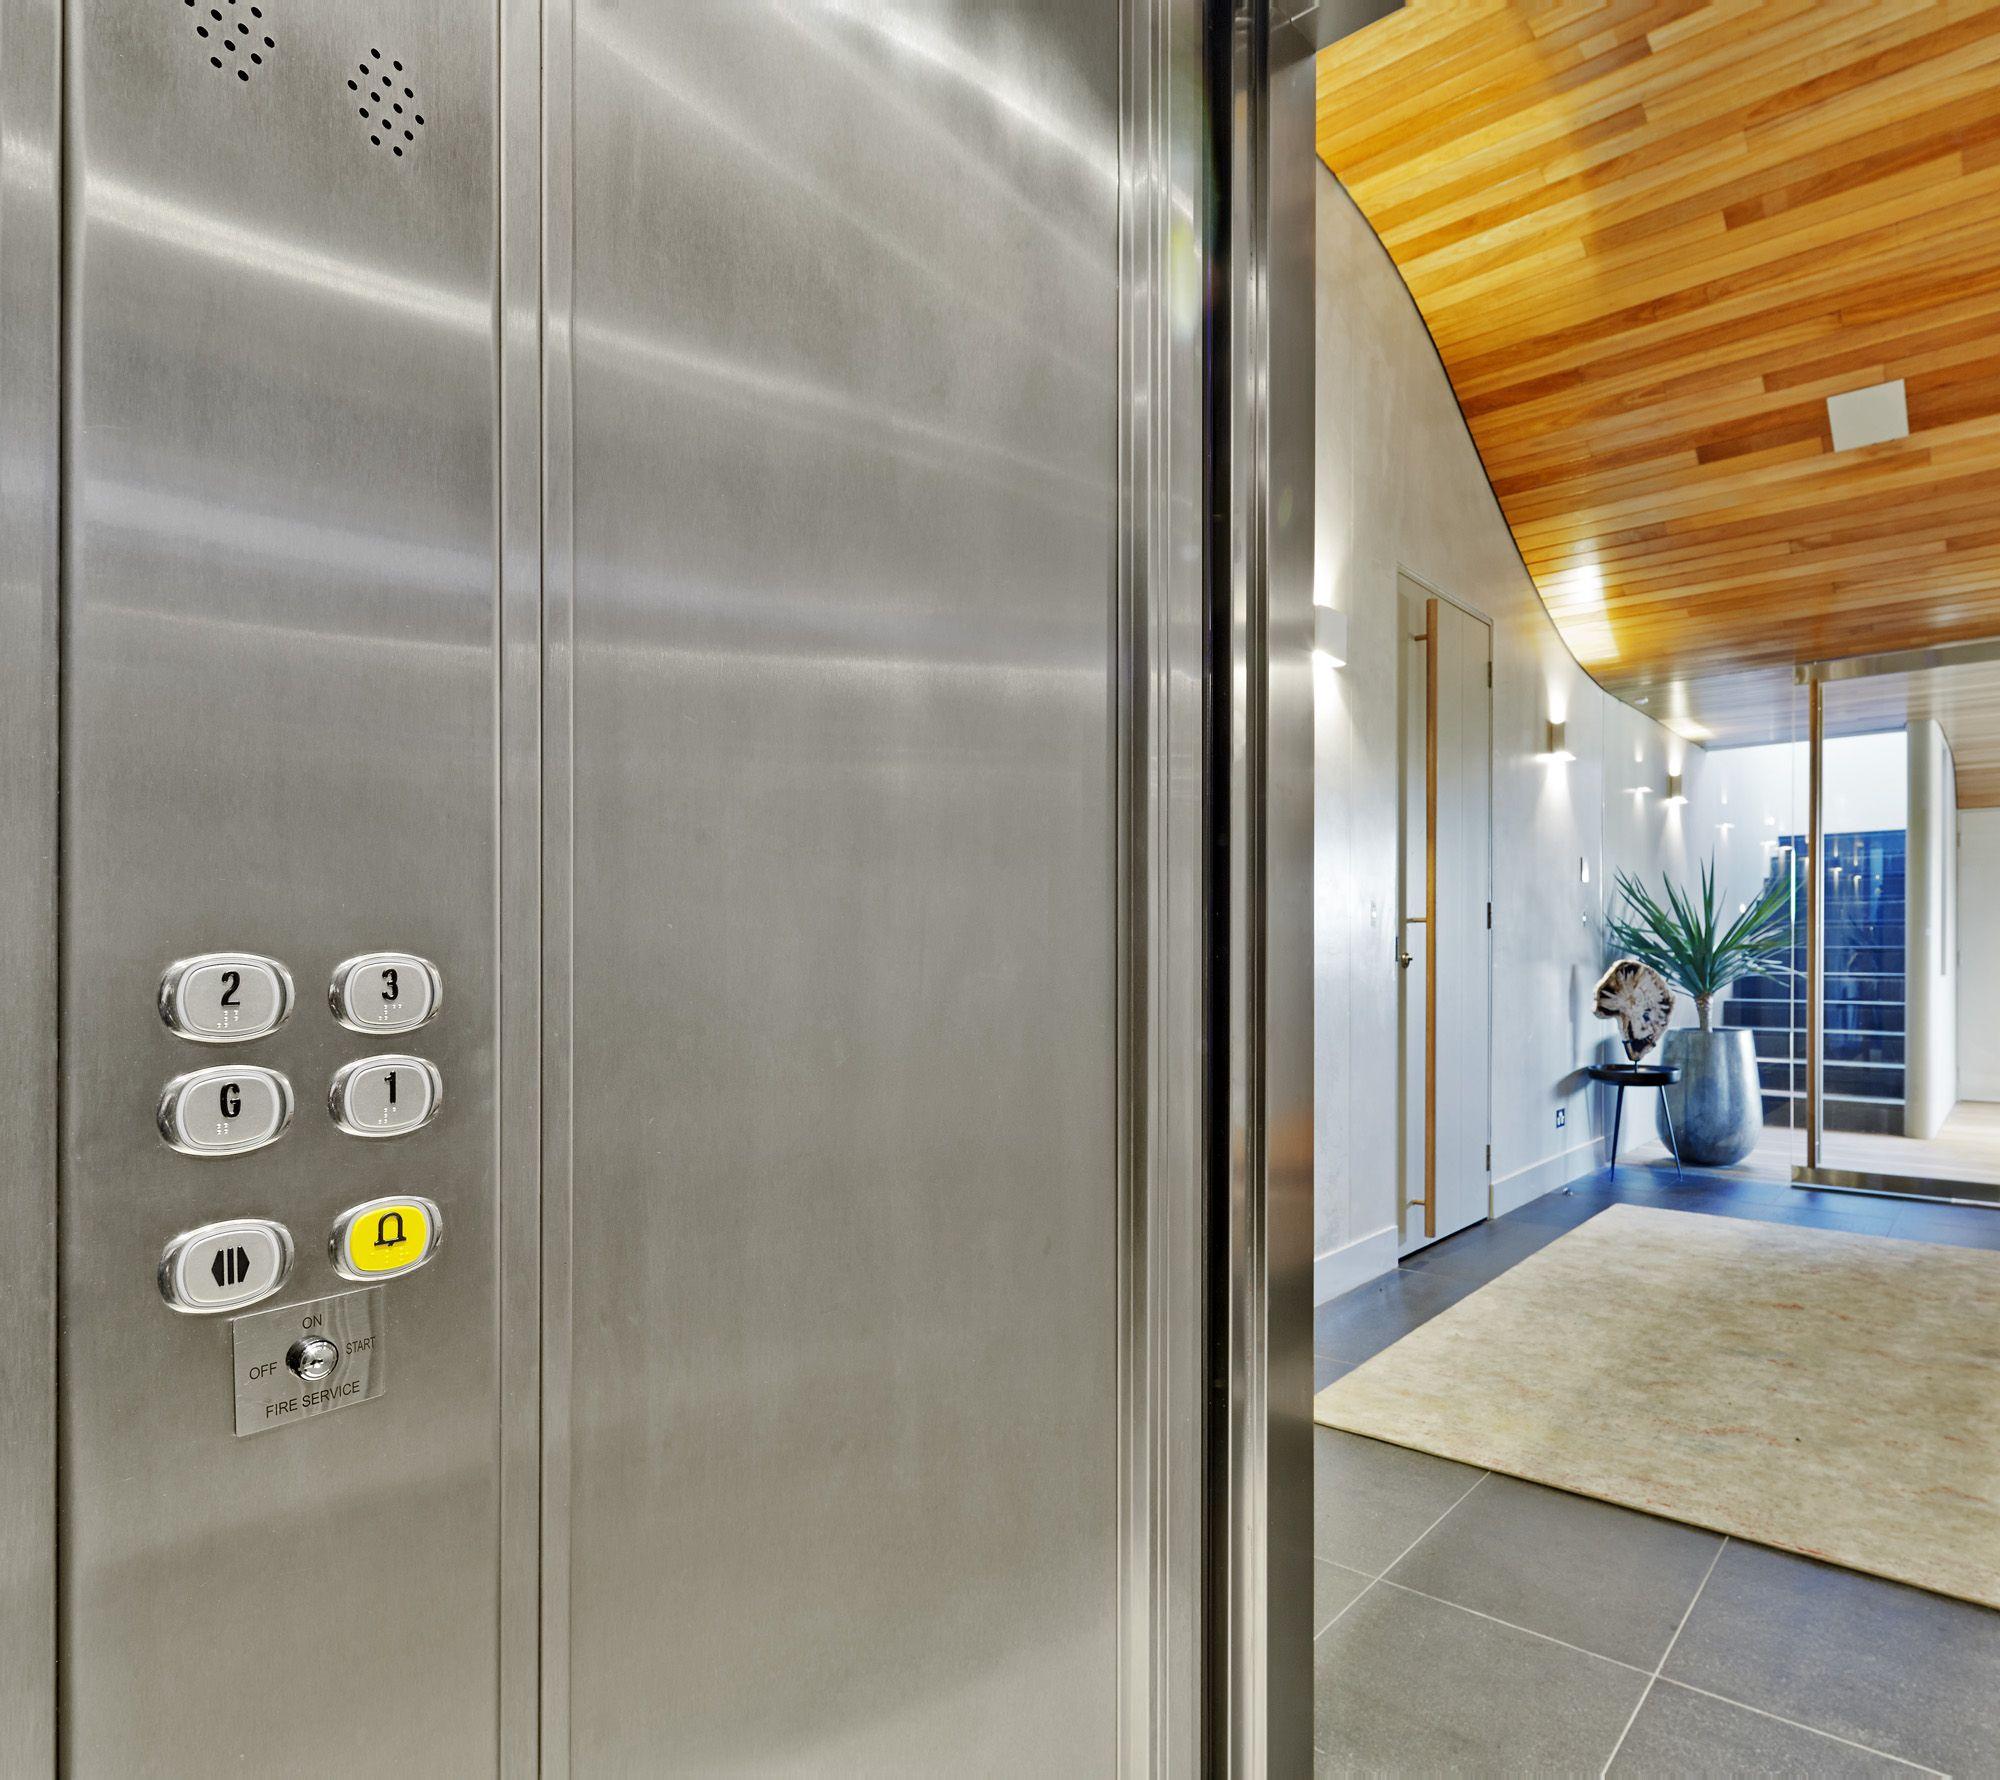 Квартира в лифте в картинках